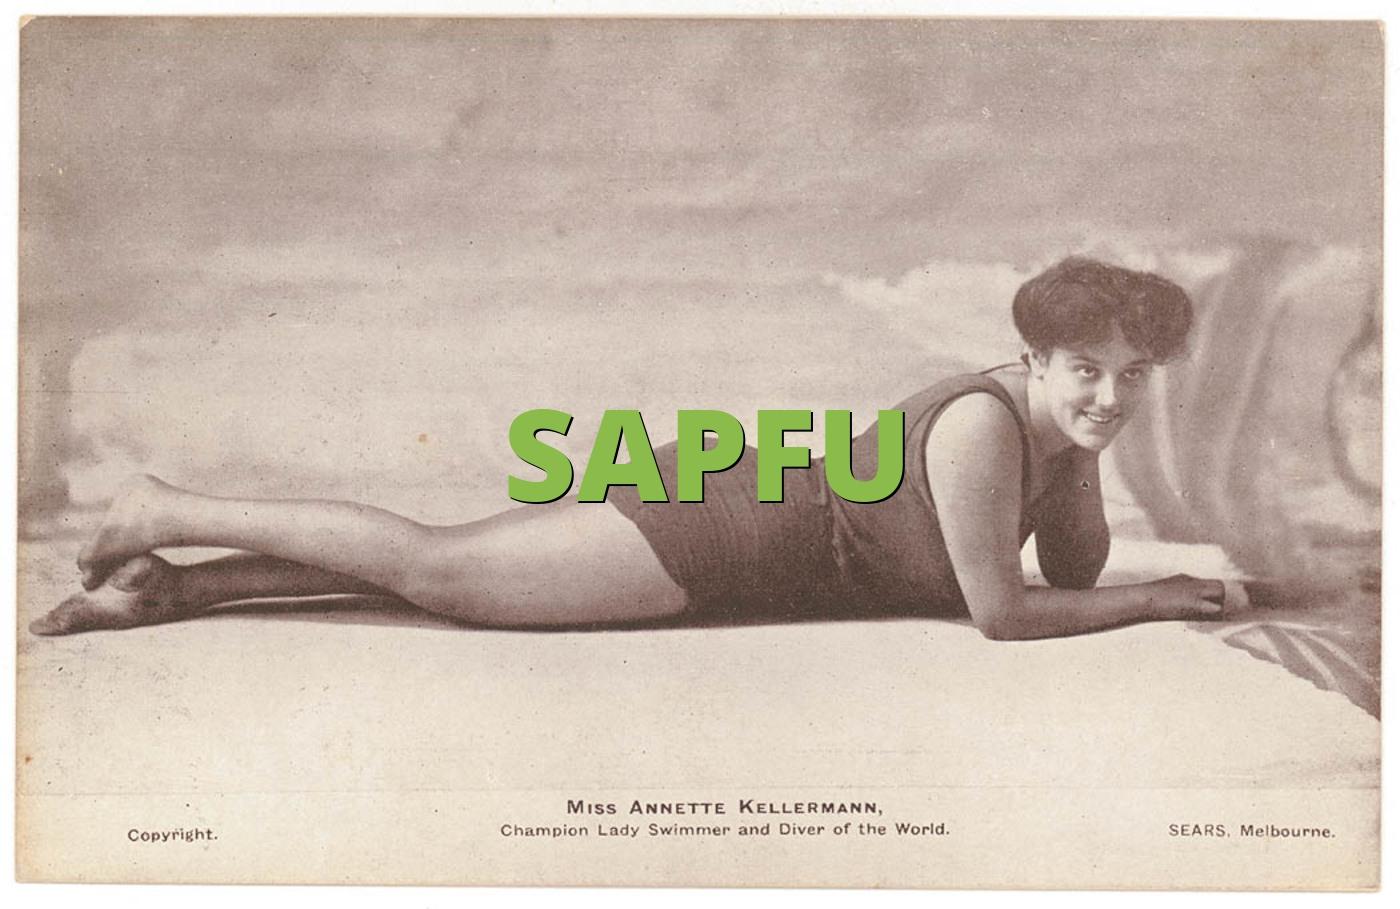 SAPFU